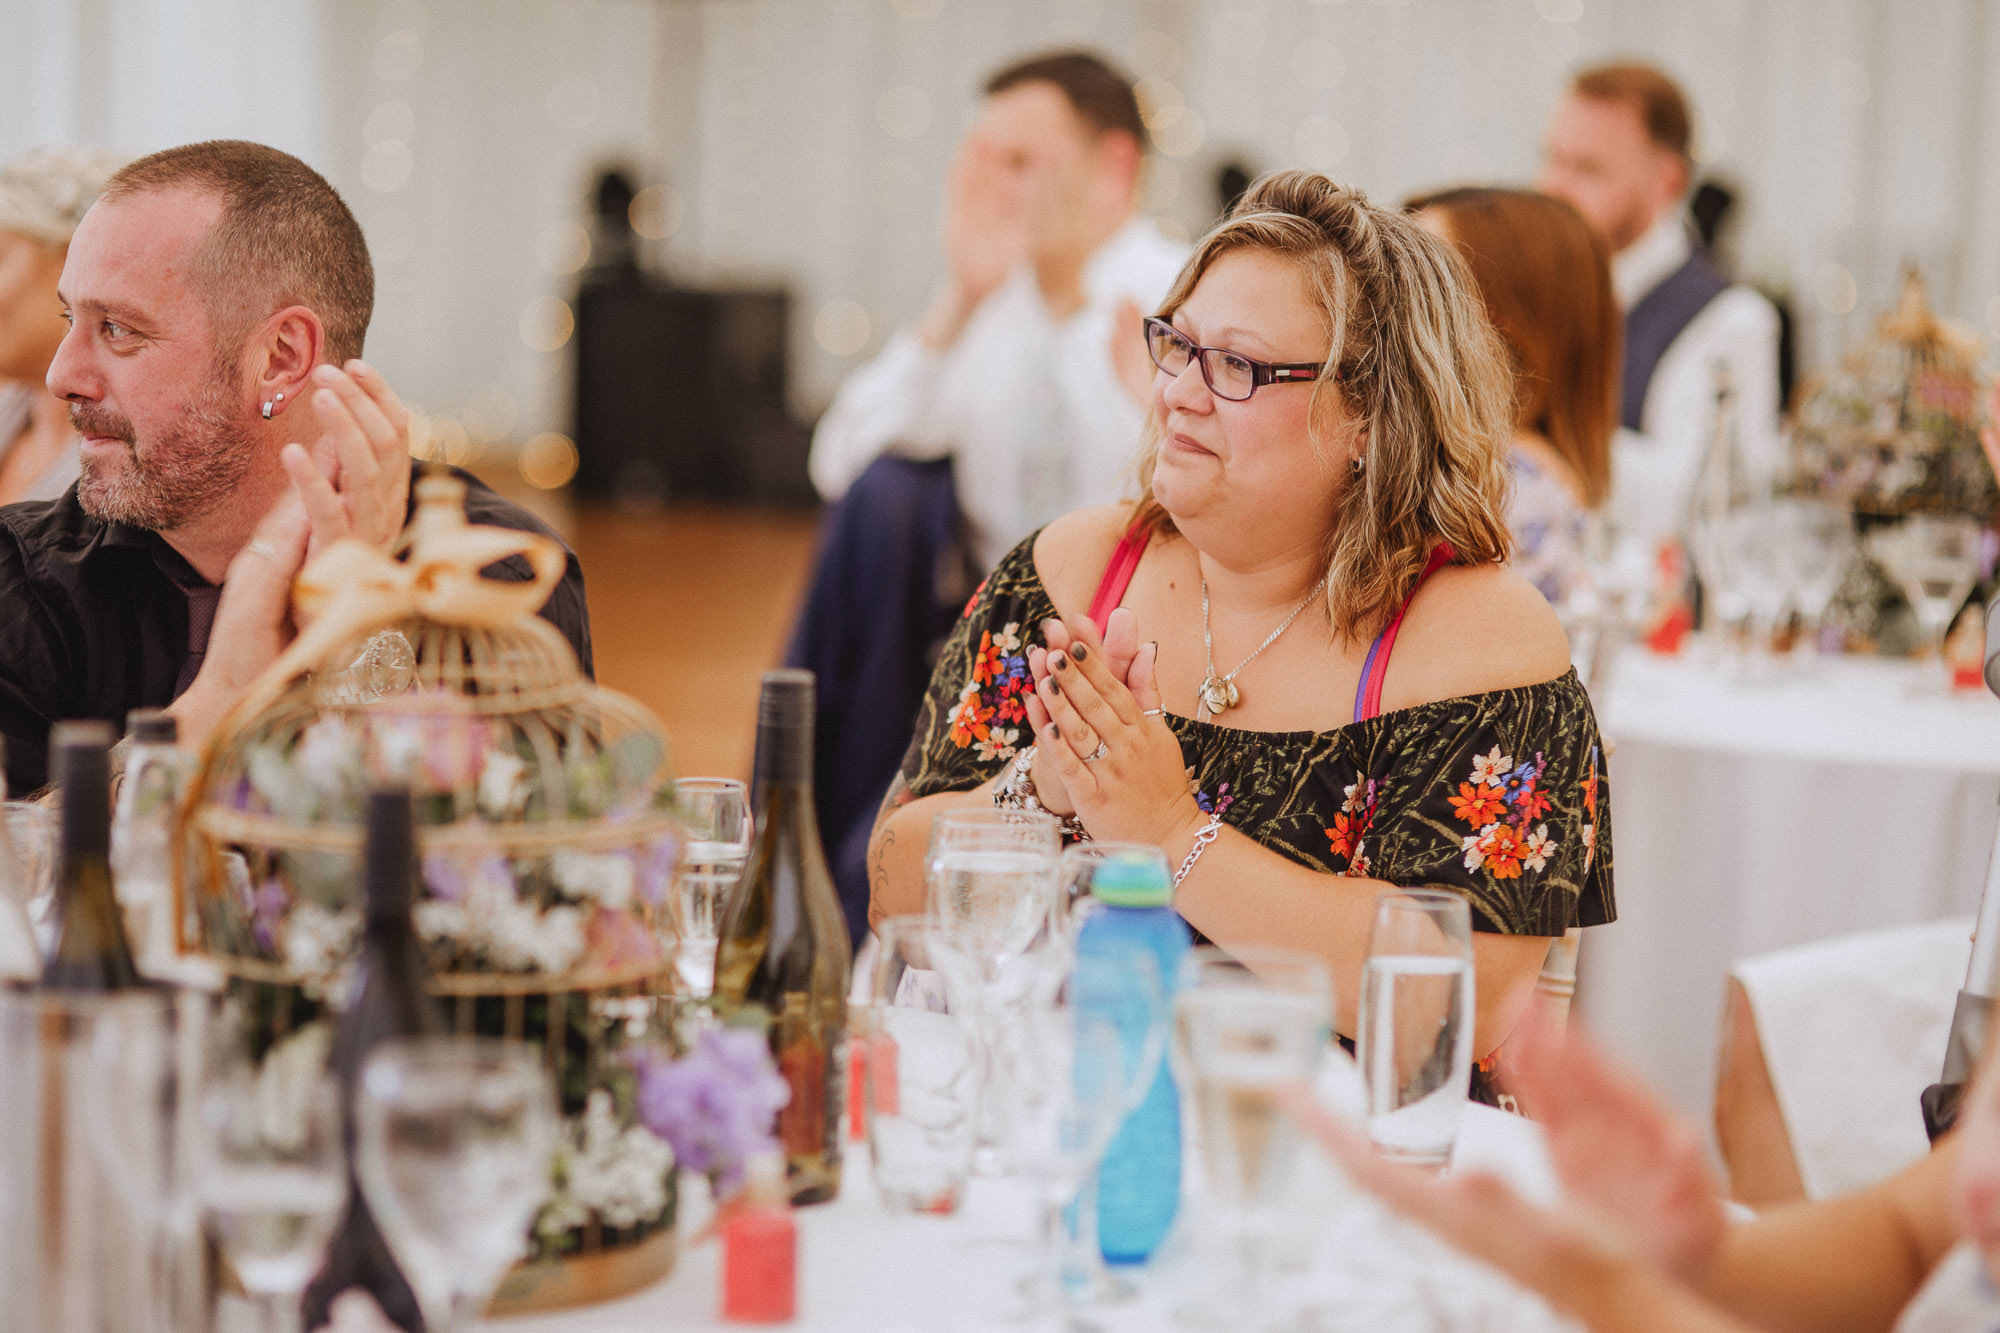 Groombridge-place-wedding-photography-81.jpg